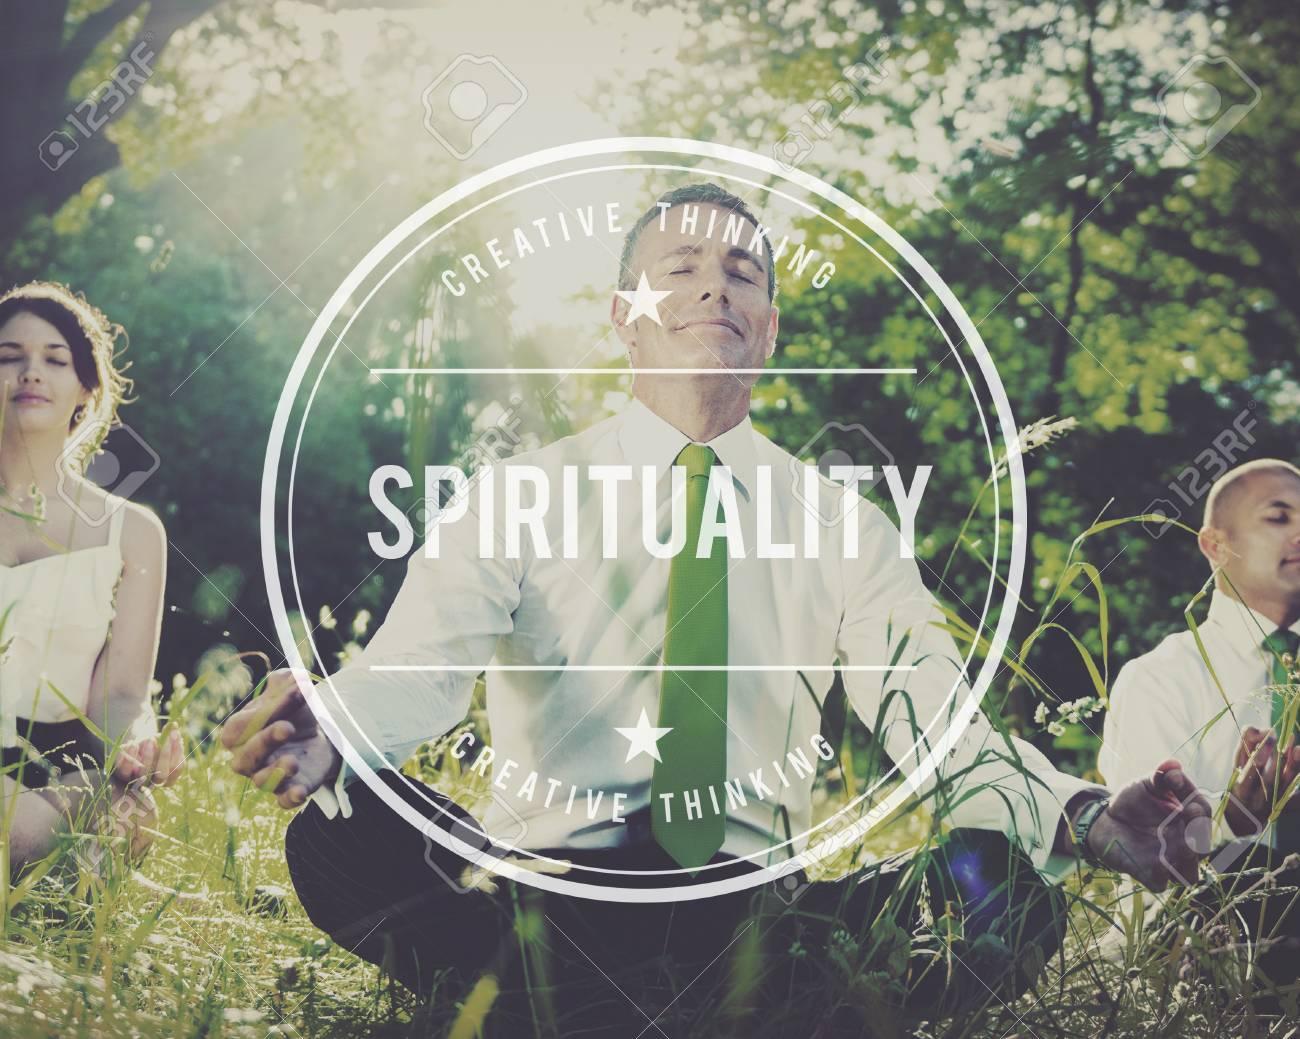 La Credenza Religiosa : Spiritualità credenza fede religione concetto di culto foto royalty